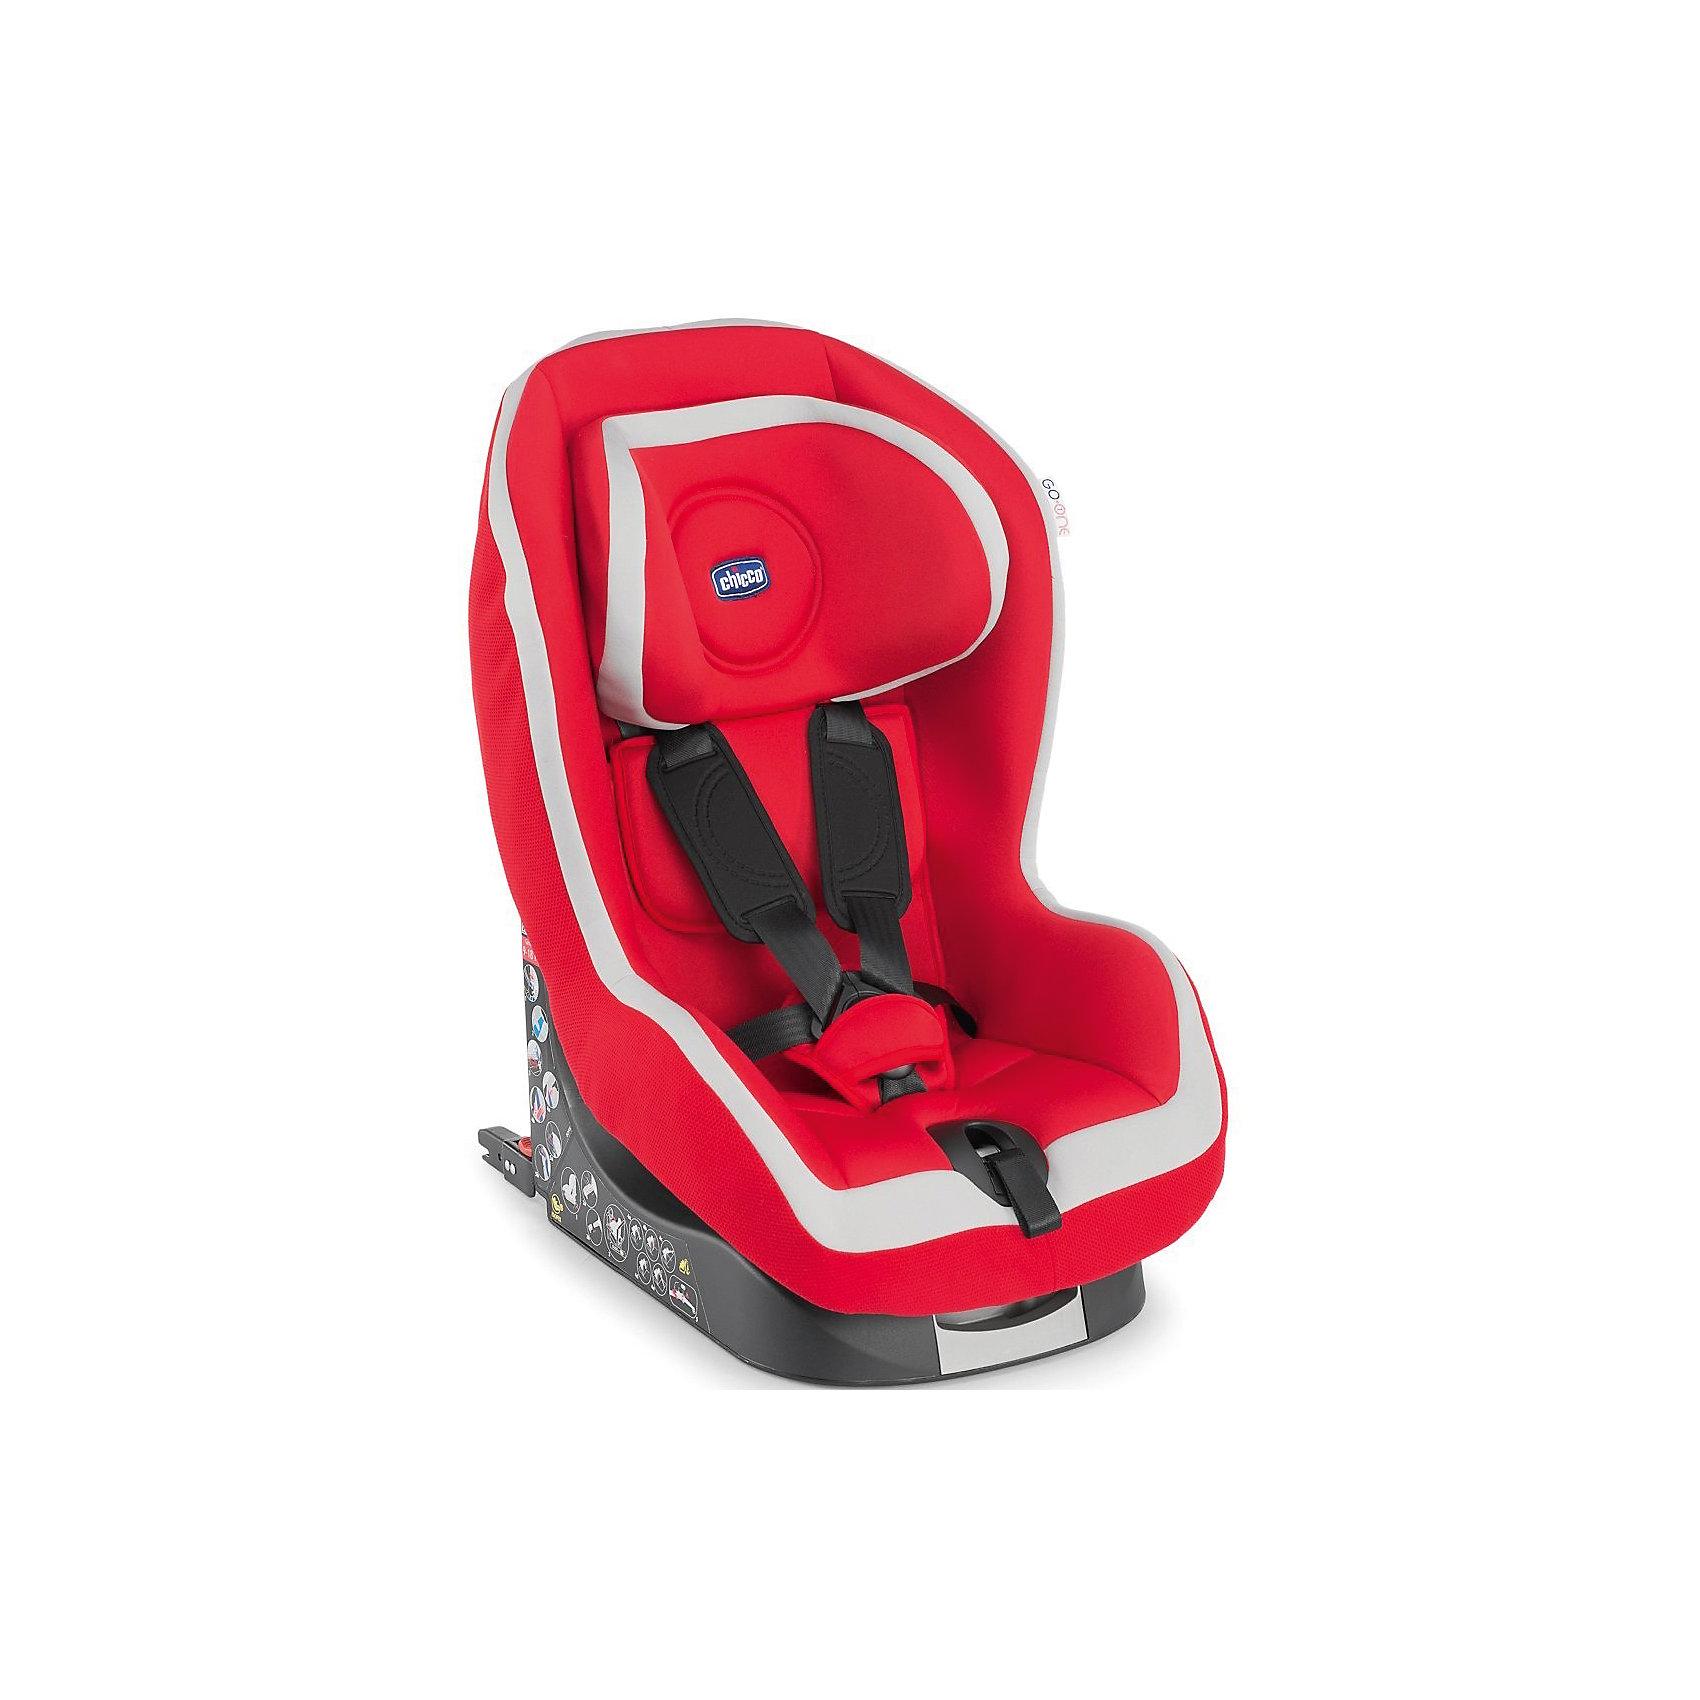 Автокресло CHICCO Go-One isofix, 9-18 кг, красныйГруппа 1 (От 9 до 18 кг)<br>Автокресло предназначено для перевозки детей от 1 года до 4 лет в автомобиле. <br>Безопасность при движении обеспечивает противоударная конструкция с прослойкой, которая минимизирует силу удара. В автокресло встроен собственный ремень безопасности TopTether, который имеет единую систему натяжения и регулируется по росту ребенка. У подголовника автокресла 6 позиций, установить в одну из них можно легко, одним движением, благодаря эксклюзивной системе безопасности. Сидение удобное, широкое и комфортное, имеет 5 разных положений. Мягкая обивка чехла выполнена из качественных дышащих тканей. Новые очень крепкие плечевые ремни не скручиваются, что обеспечит малышу необходимый комфорт. Чехол съёмный, его можно стирать без задействования ремней, что позволит сэкономить время и предупреждает риск последующей неправильной установки ремней.<br>Система Isofix позволяет установить детское автокресло в машину, не используя штатные ремни безопасности автомобиля.<br><br>Особенности:<br>- Предназначено для детей от 9 до 18 кг (примерно от 1 года до 4 лет).<br>- 2 способа крепления - штатным автомобильным ремнем и при помощи системы Isofix.<br>- Установка по ходу движения<br>- Прочная конструкция.<br>- Массивная пластиковая платформа со спинкой.<br>- Якорный ремень Top Tether.<br>- Направляющие для штатного ремня.<br>- Глубокие боковины.<br>- 5 положений ложа по наклону.<br>- Внутренний регулируемый подголовник (6 положений).<br>- 5-точечный ремень безопасности с плечевыми накладками.<br>- Автоматическое изменение высоты ремней безопасности.<br>- При регулировке подголовника возможность снятия чехлов без демонтажа ремней безопасности.<br>- чехлы можно стирать при 30С<br>- соответствует нормам ECE R44/04<br><br>Дополнительная информация:<br><br>- Цвет: Красный.<br>- Вес ребенка: до 18 кг.<br>- Материал: пластик, полиэстер.<br>- Параметры: 41х67х49 см.<br>- Вес в упаковке: 14,5 кг.<br><br>Купить  автокресло G